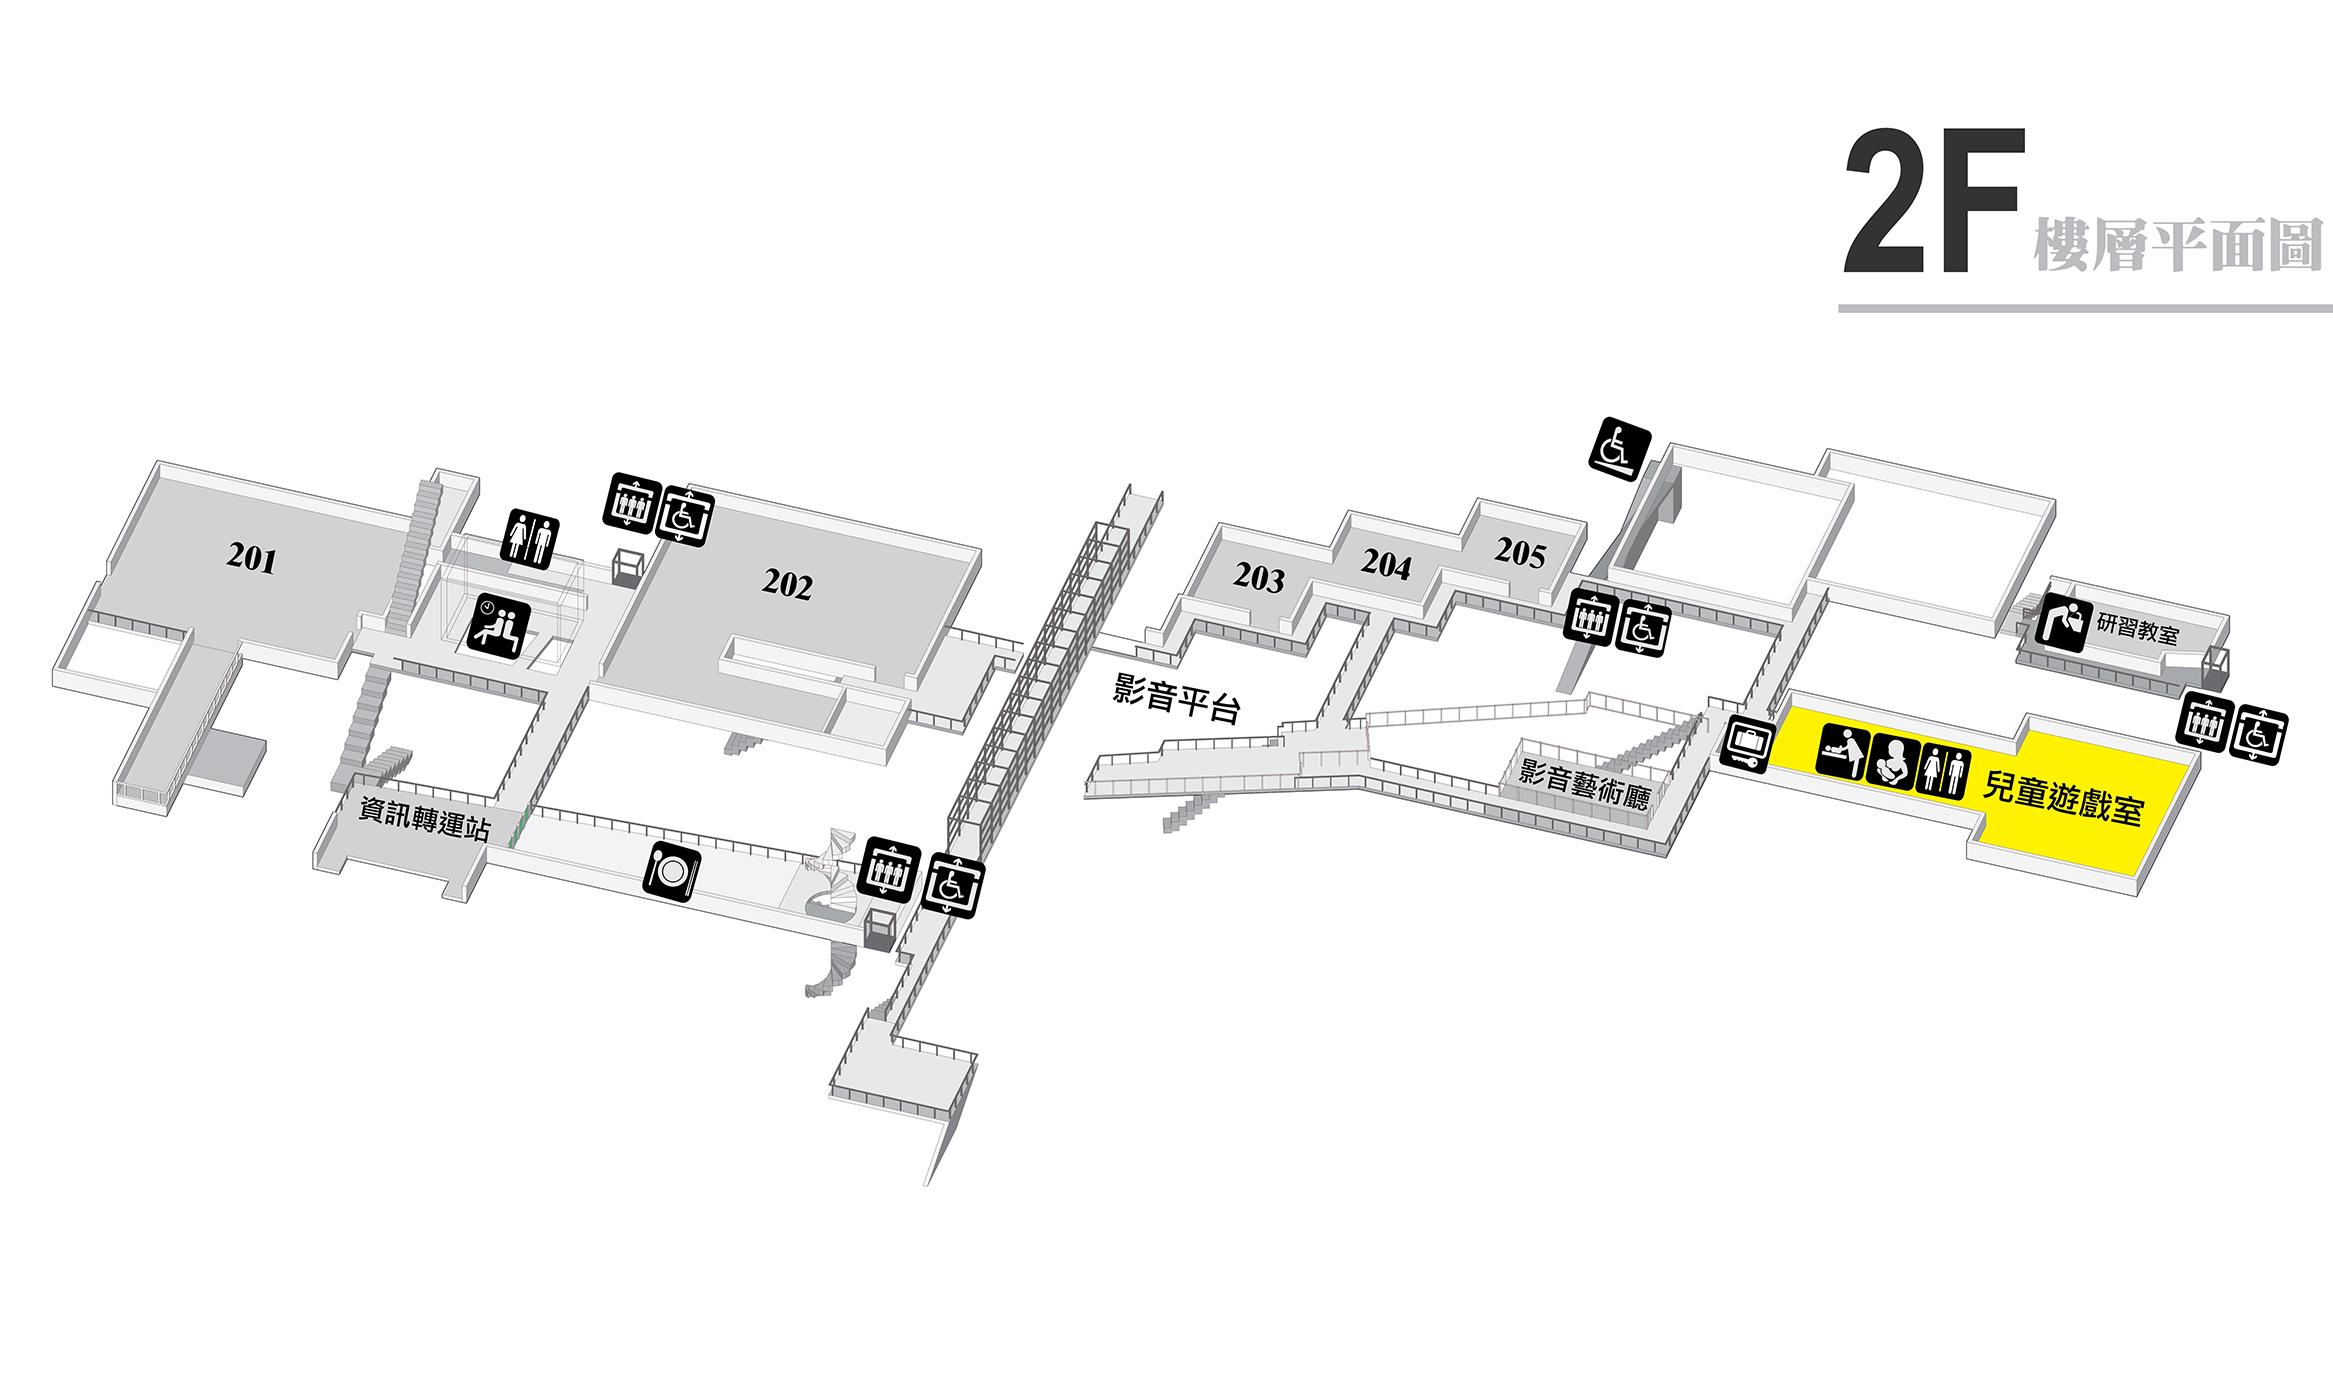 2F空間配置圖